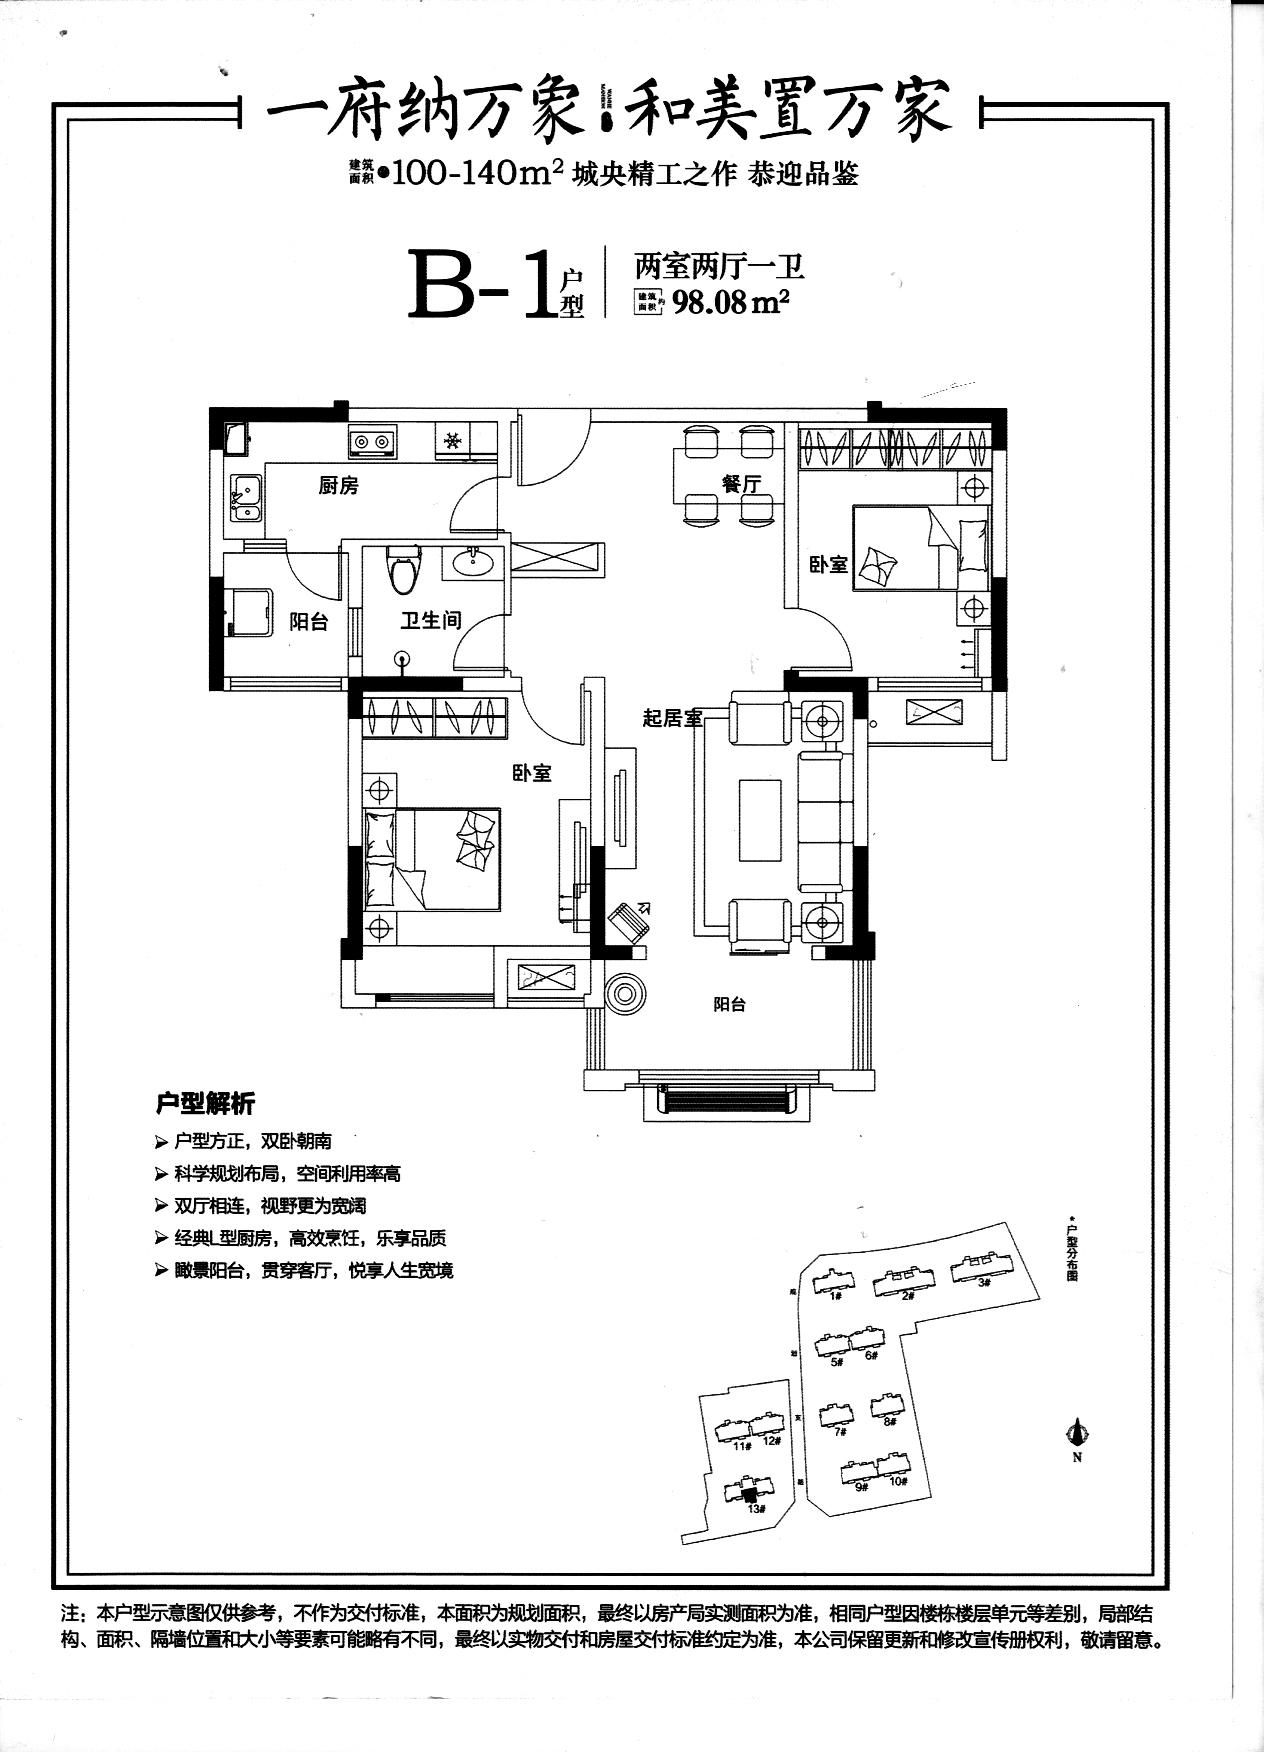 安庆万和府98.08㎡两室两厅一卫B-1户型